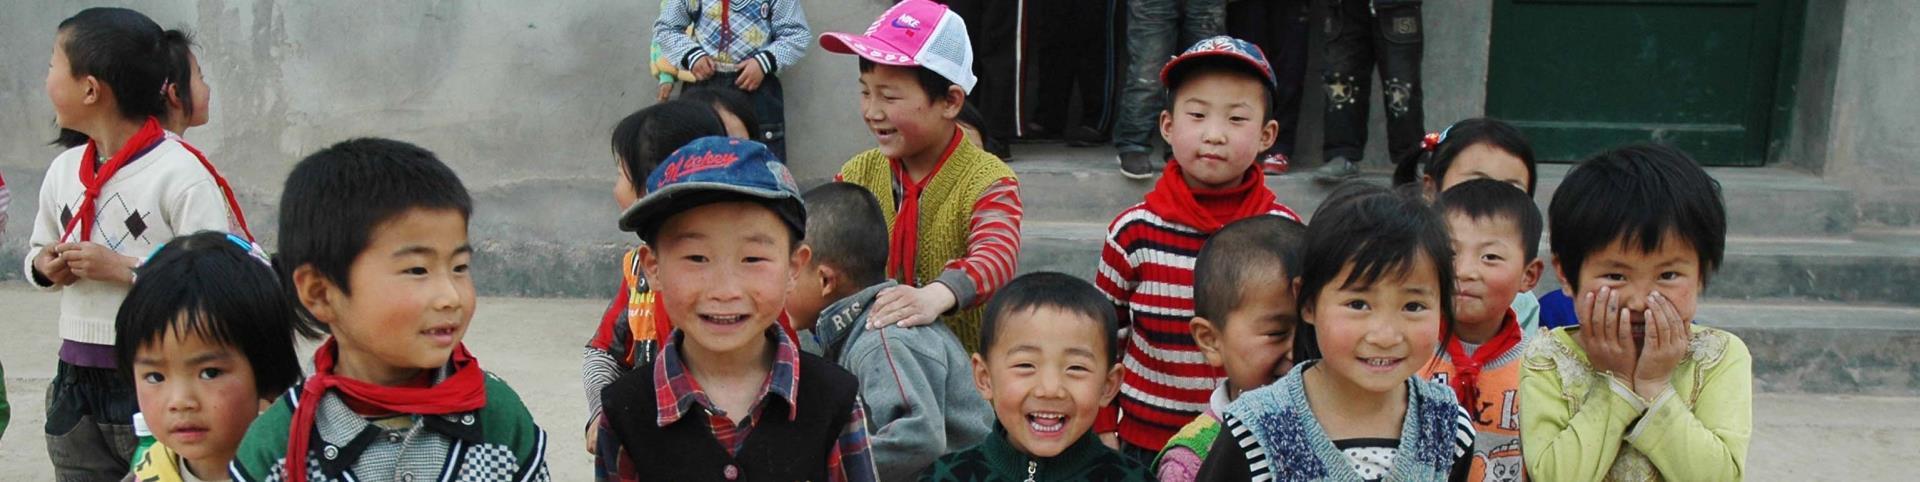 Trail de la Grande Muraille de Chine 2016 - Les Enfants de Madaifu, en Chine